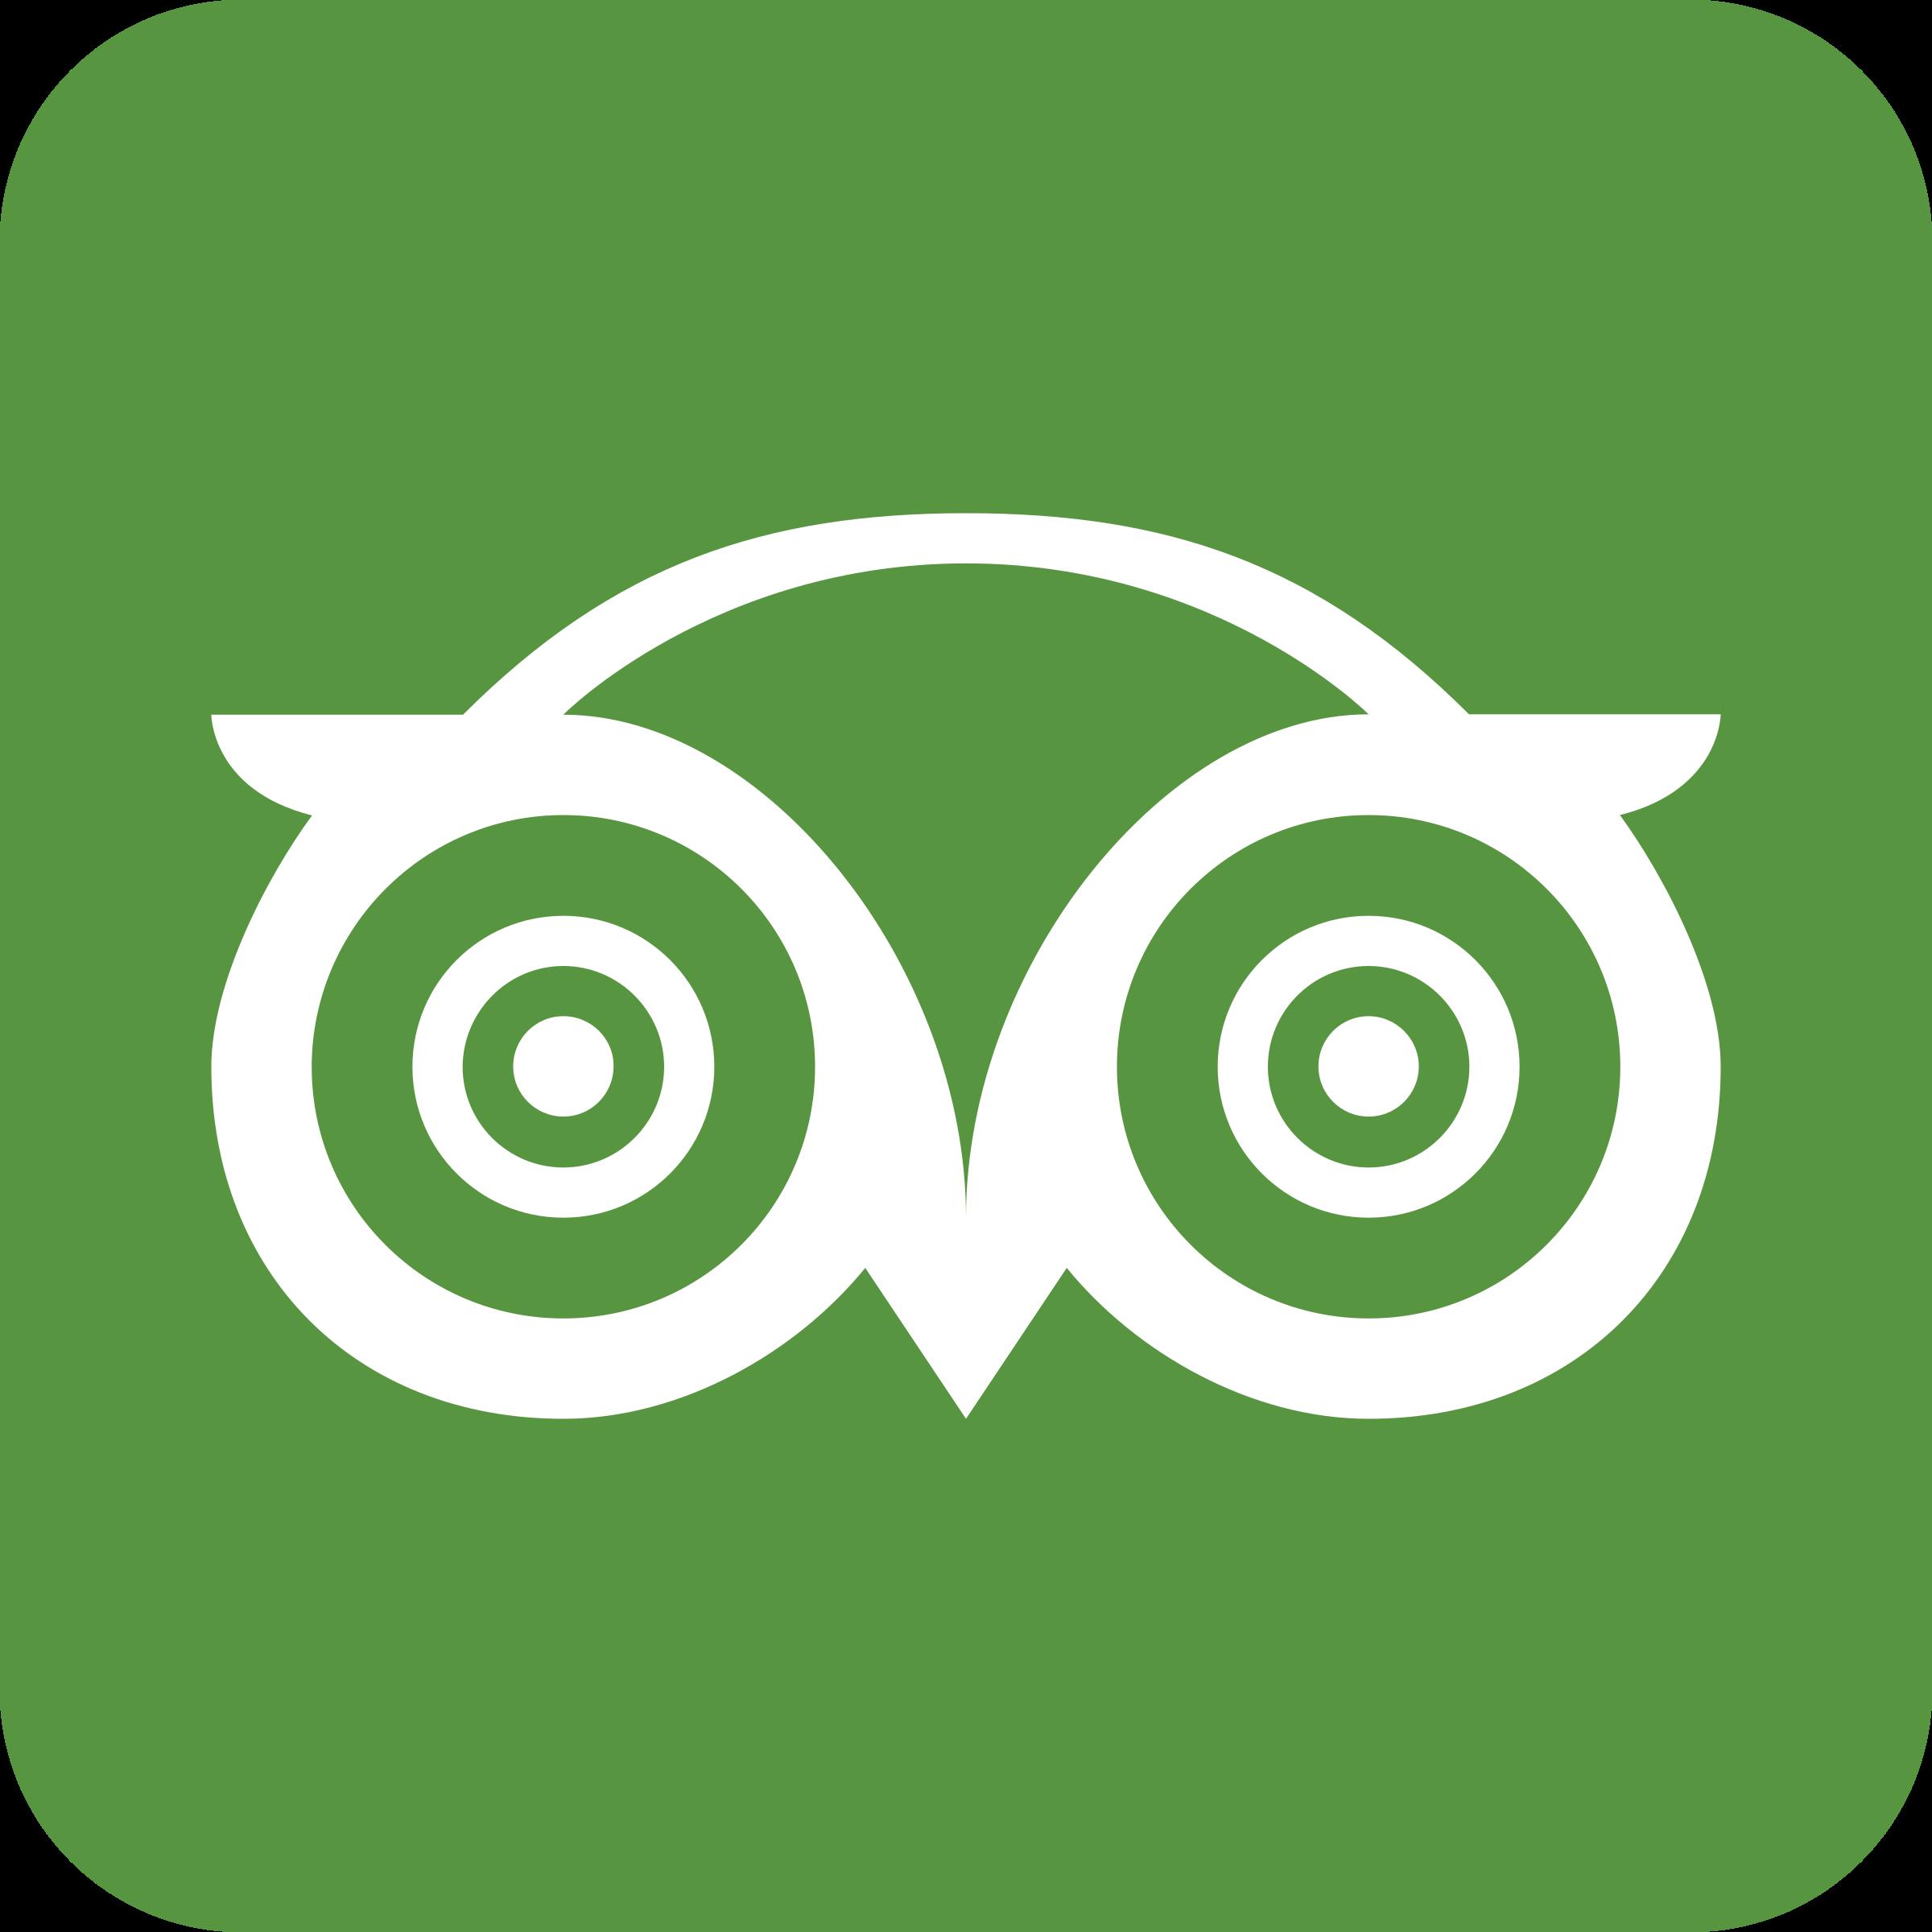 Tripadvisor Logo Png Transpar